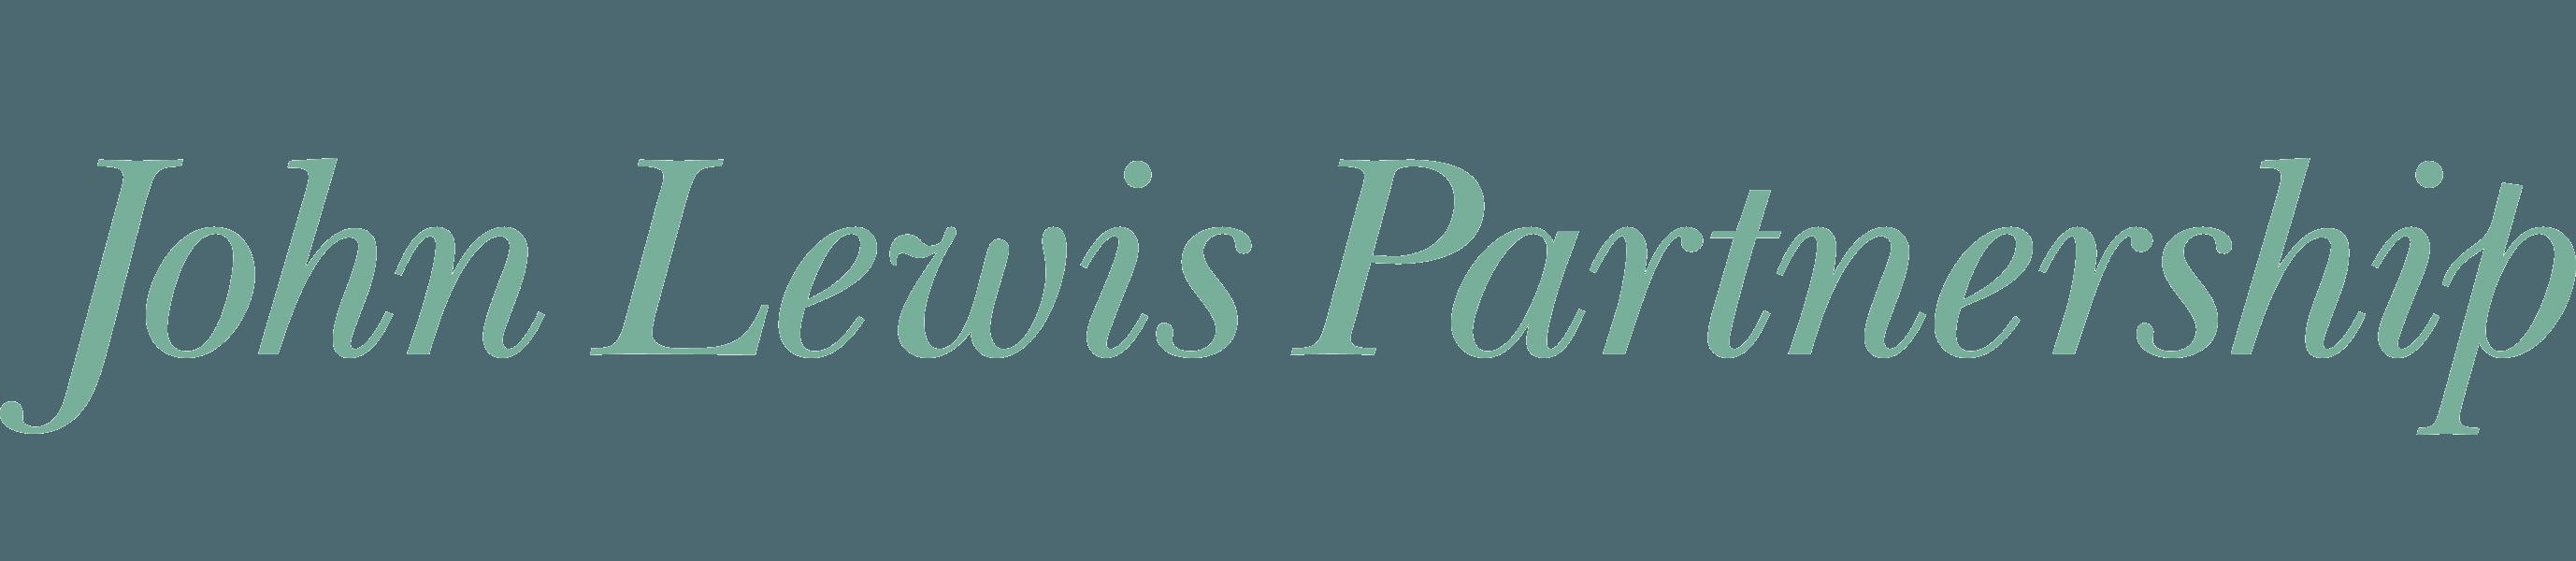 John_Lewis_logo.2755.600.png